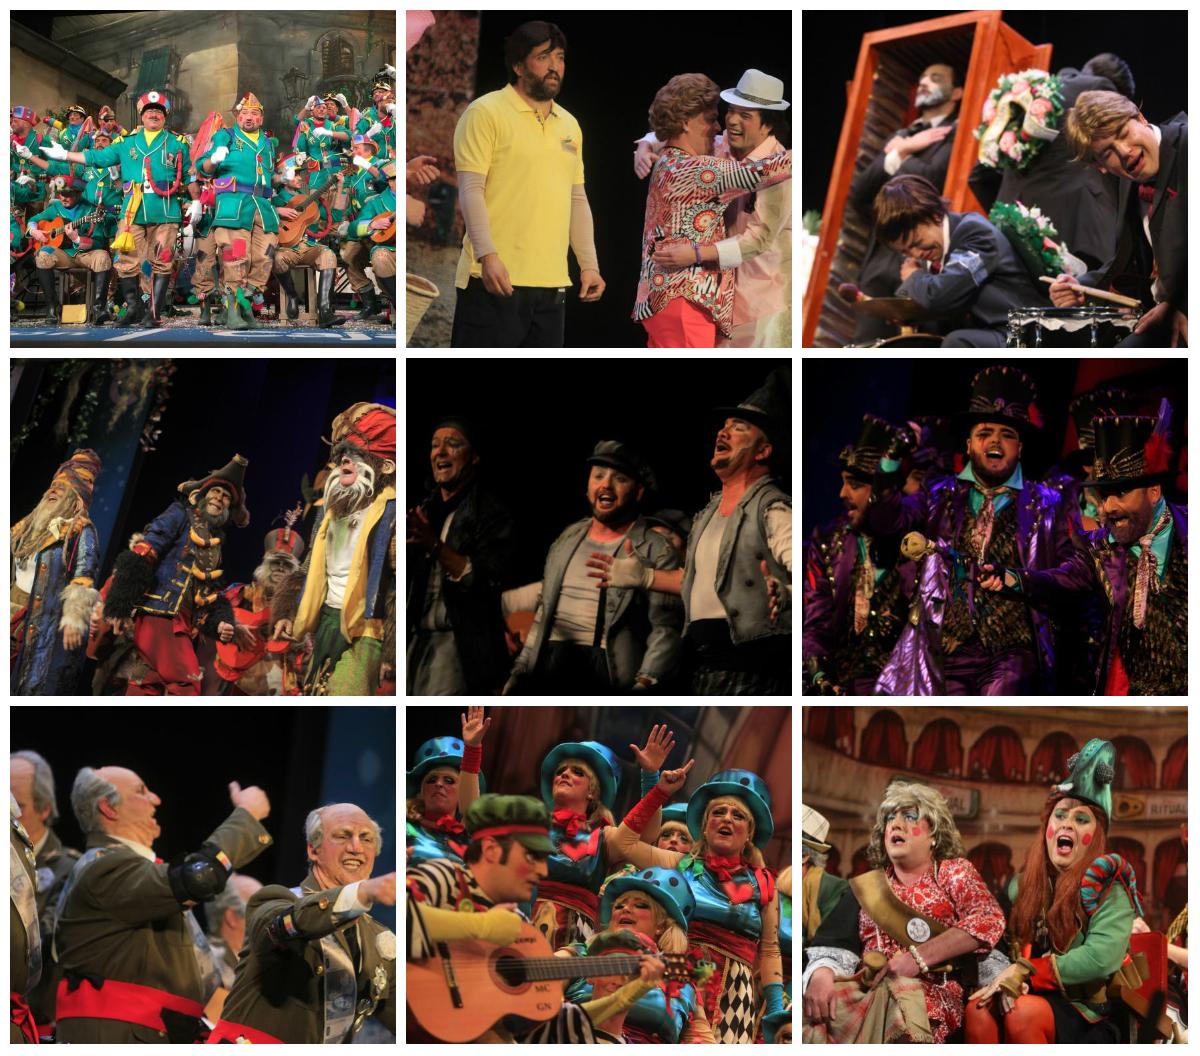 Sigue en directo el concurso del Carnaval de Cádiz desde el Falla